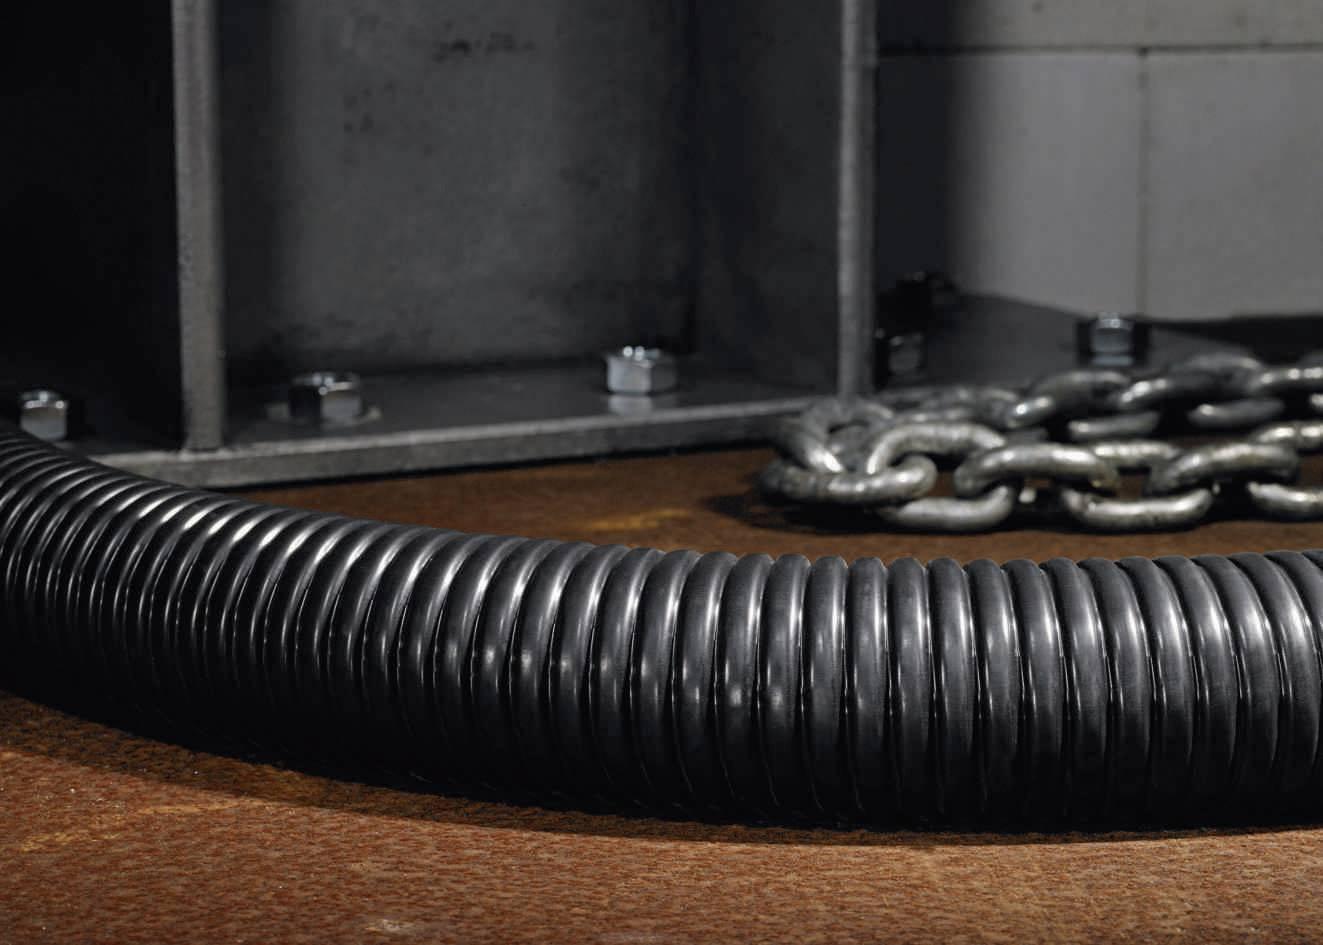 Ochranná hadice na ocel HellermannTyton PCS20 166-30703, 16.90 mm, černá, metrové zboží